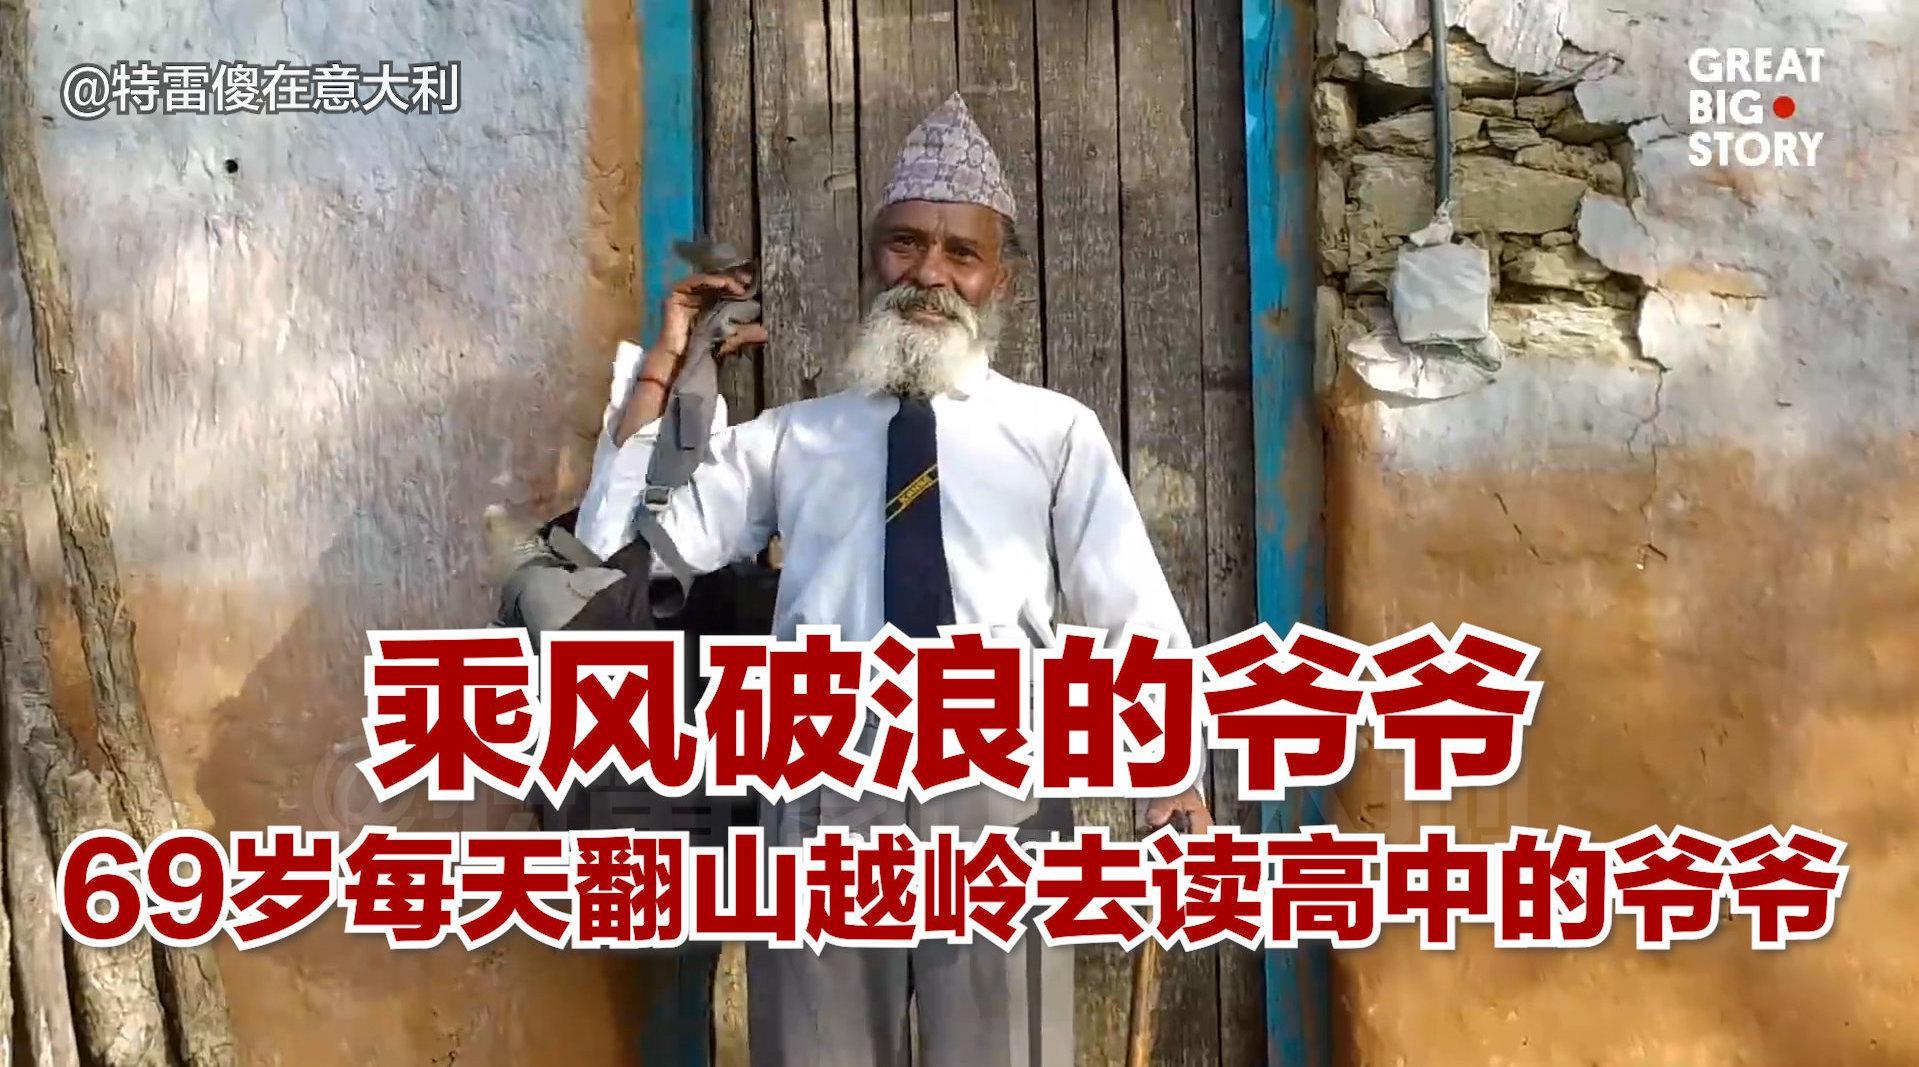 乘风破浪的爷爷 69岁高中生